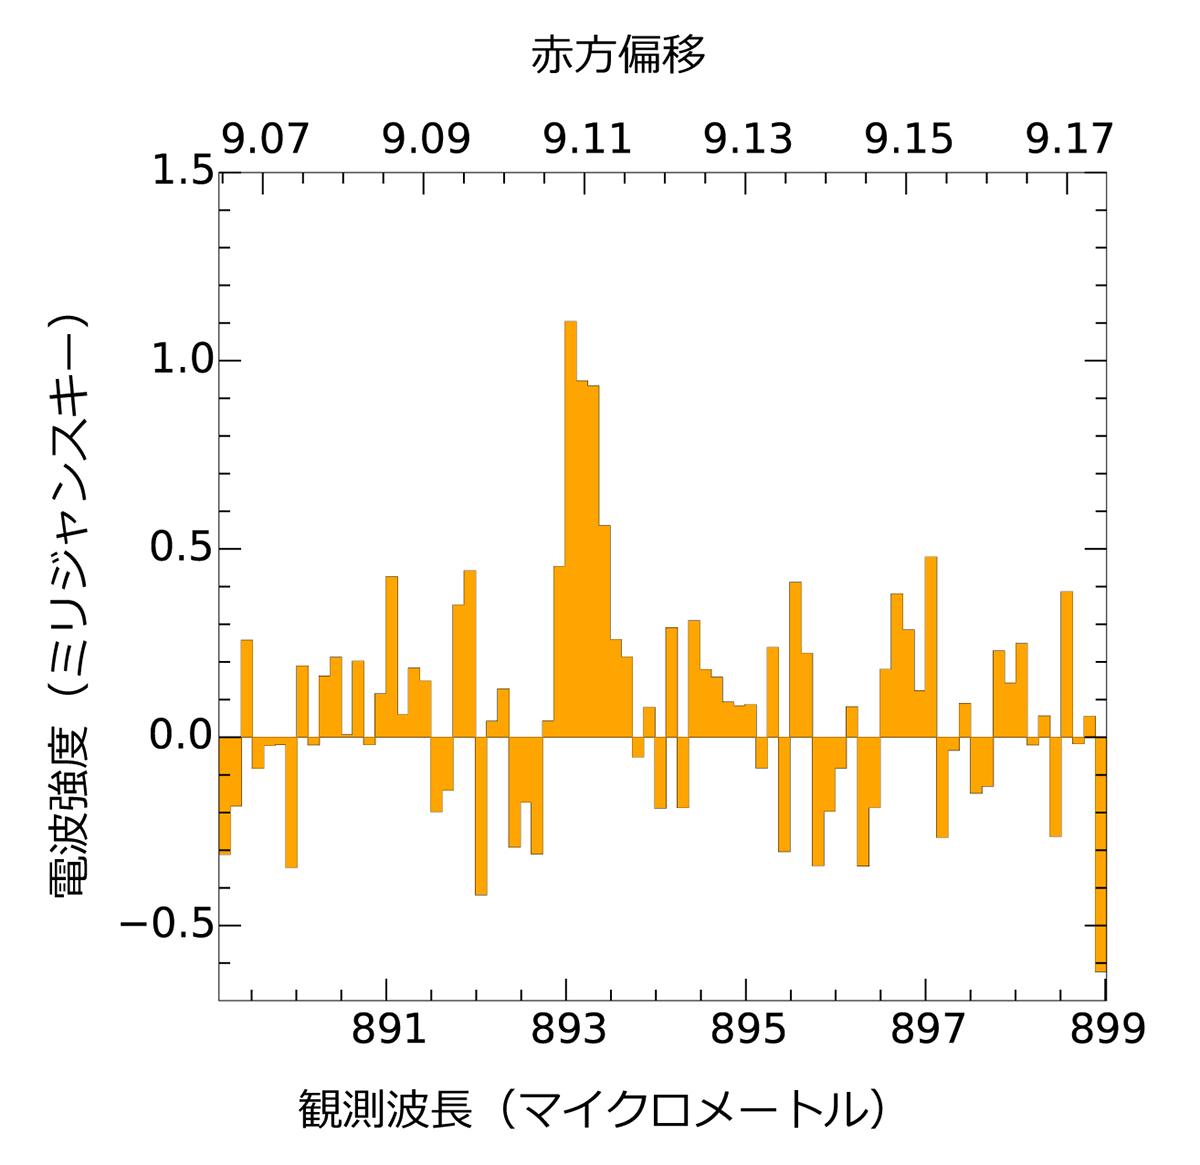 アルマ望遠鏡がとらえた、銀河MACS1149-JD1からの酸素の電波スペクトル。銀河を出た時は波長88マイクロメートルの赤外線でしたが、アルマ望遠鏡による観測では波長0.893ミリメートルの電波としてとらえられました。赤方偏移は、宇宙膨張による波長の伸びをあらわす数値であり、赤方偏移zの銀河からの光は、波長が(1+z)倍になって地球にとどきます。© ALMA (ESO/NAOJ/NRAO), Hashimoto et al.